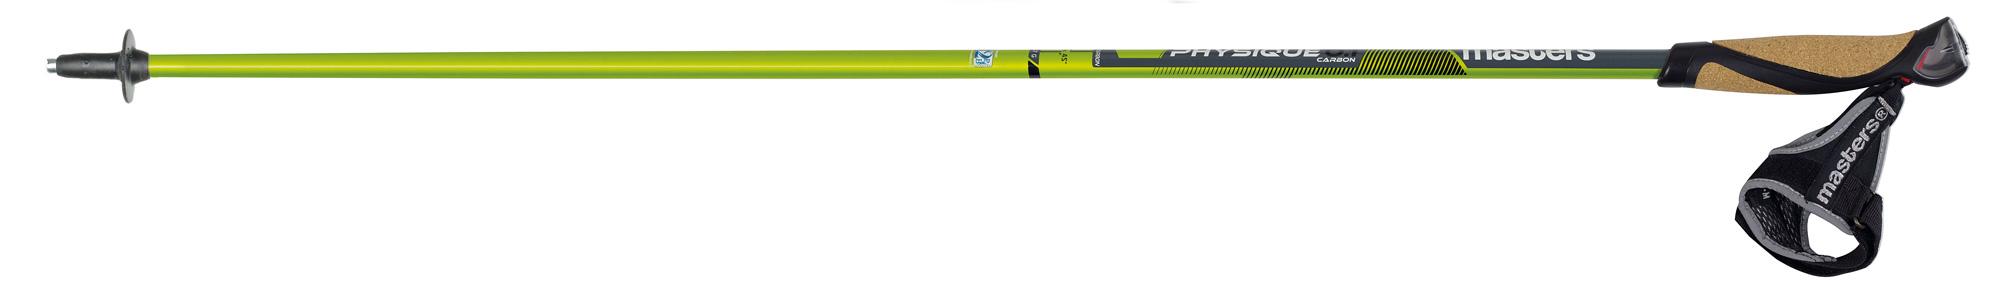 Монолитные палки для скандинавской ходьбы PHYSIQUE 0.1 100-135см, 01N0316